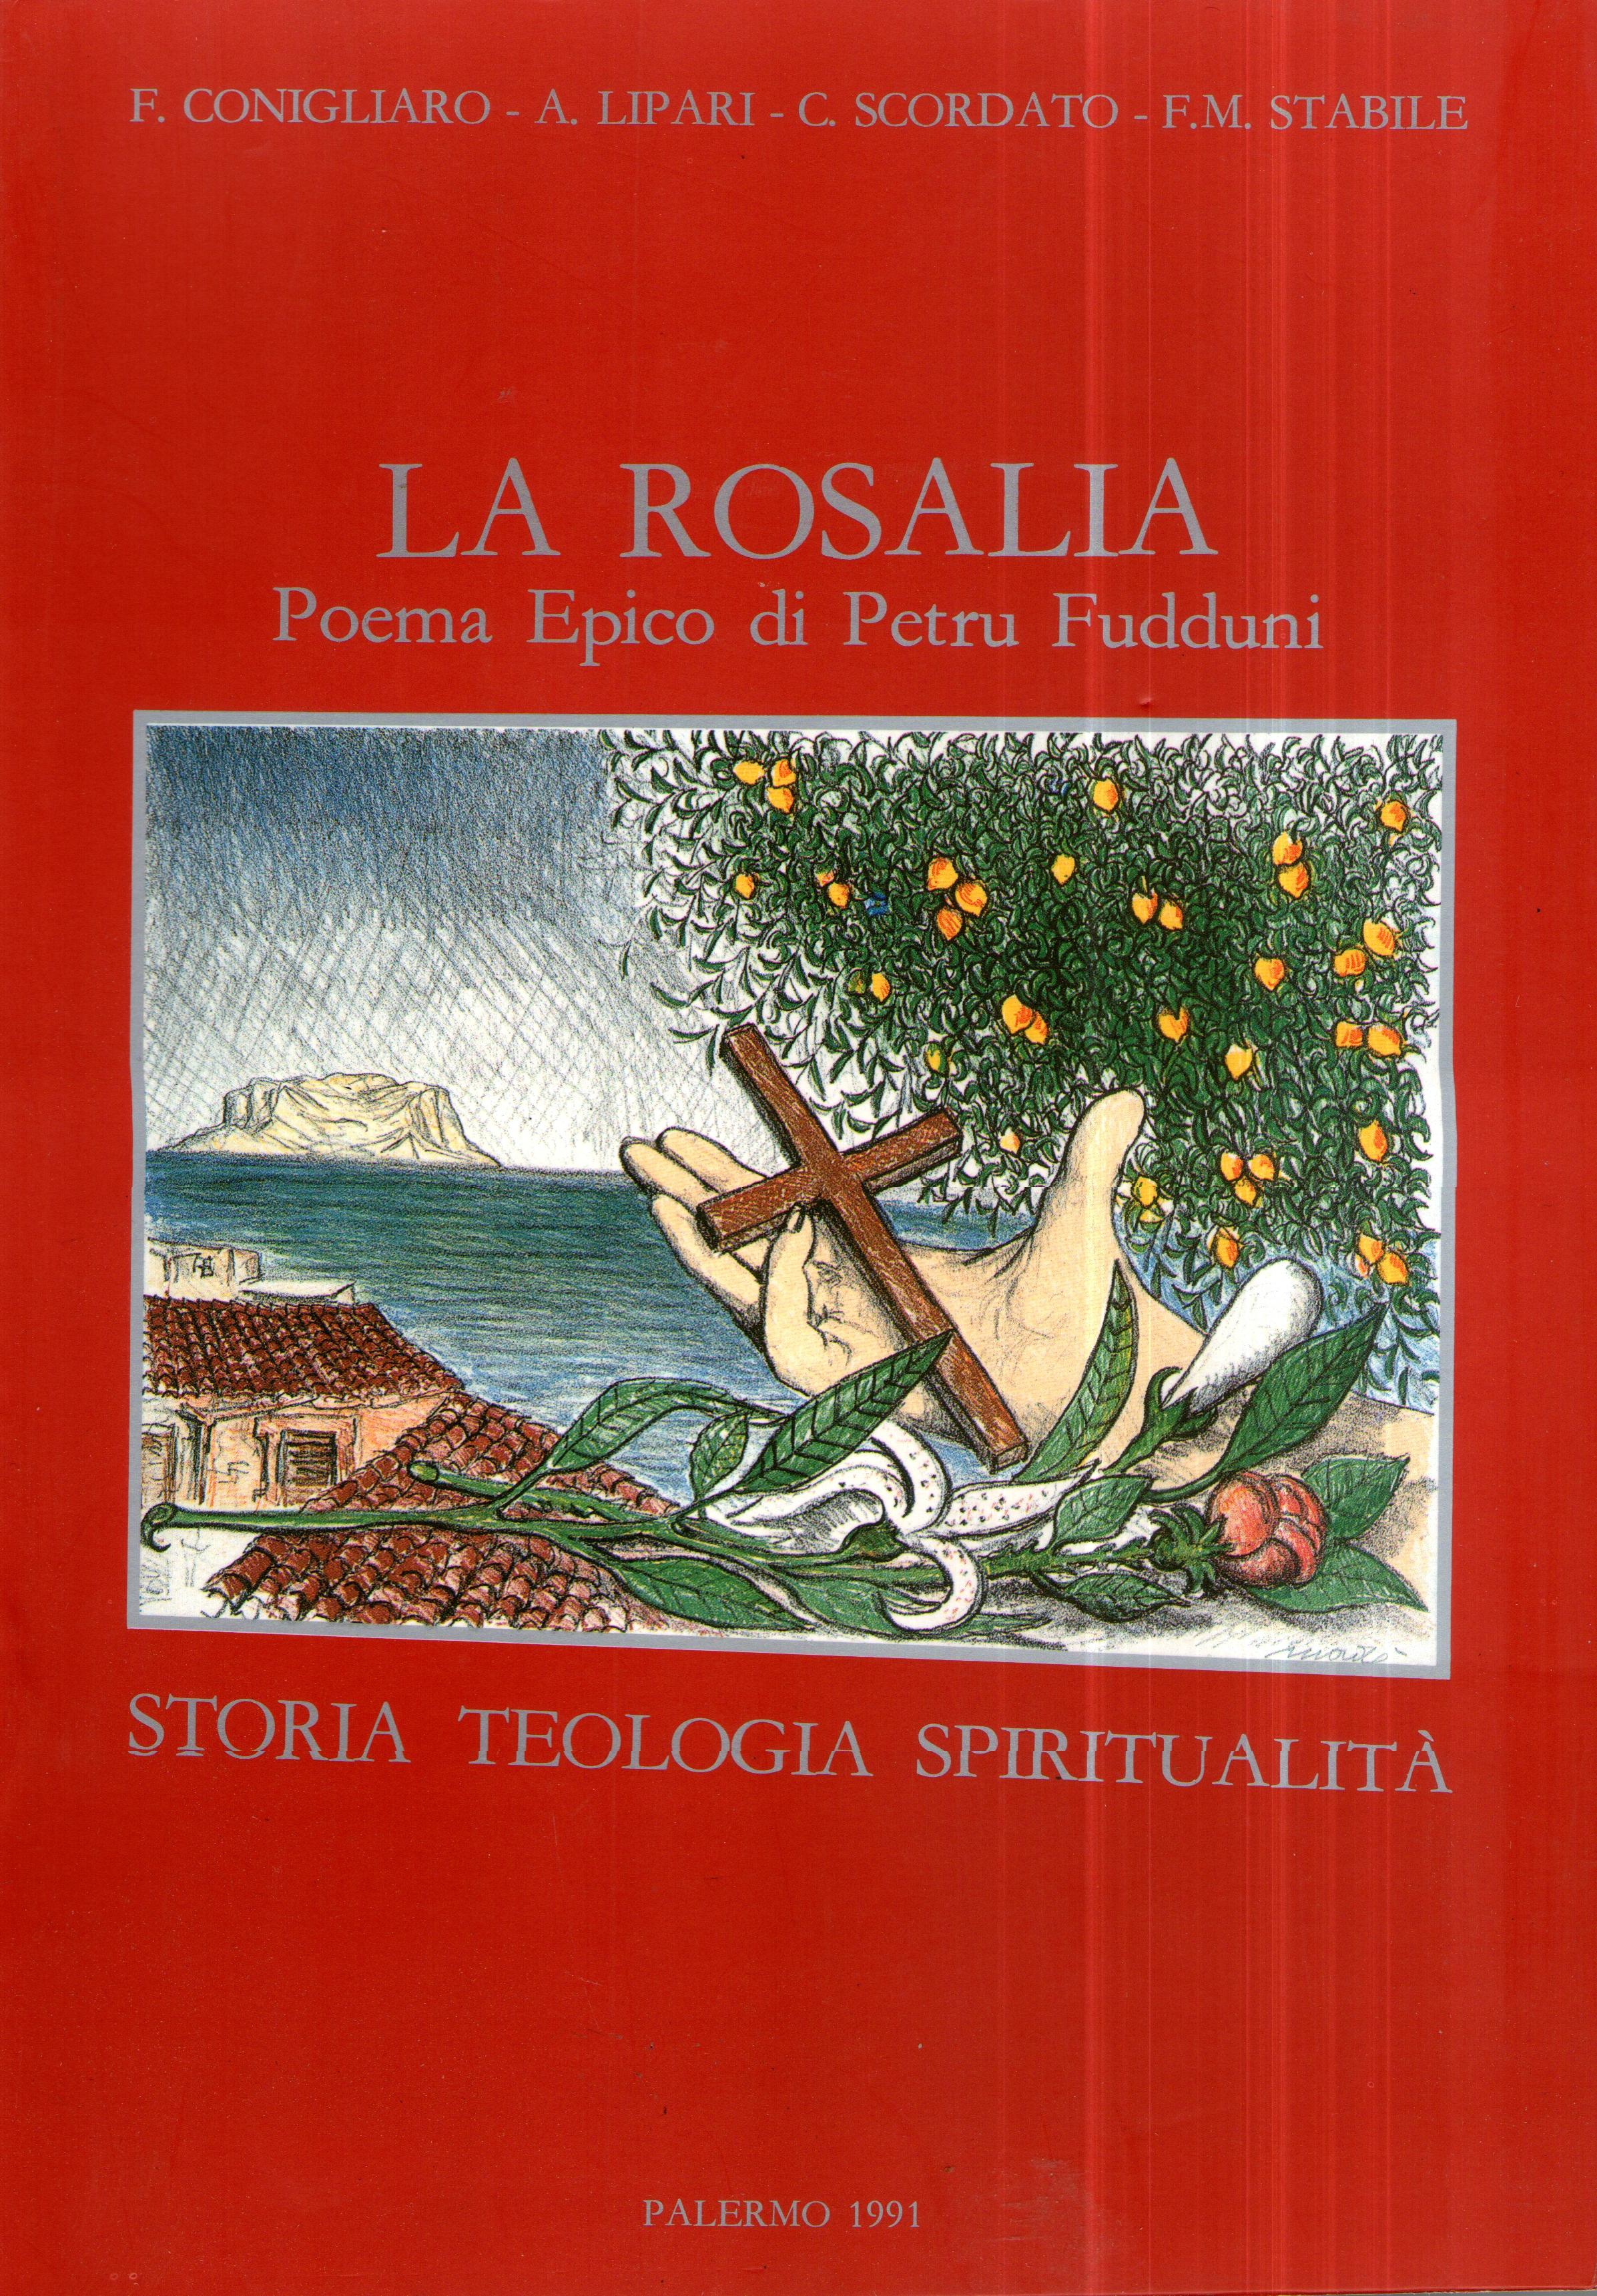 La Rosalia